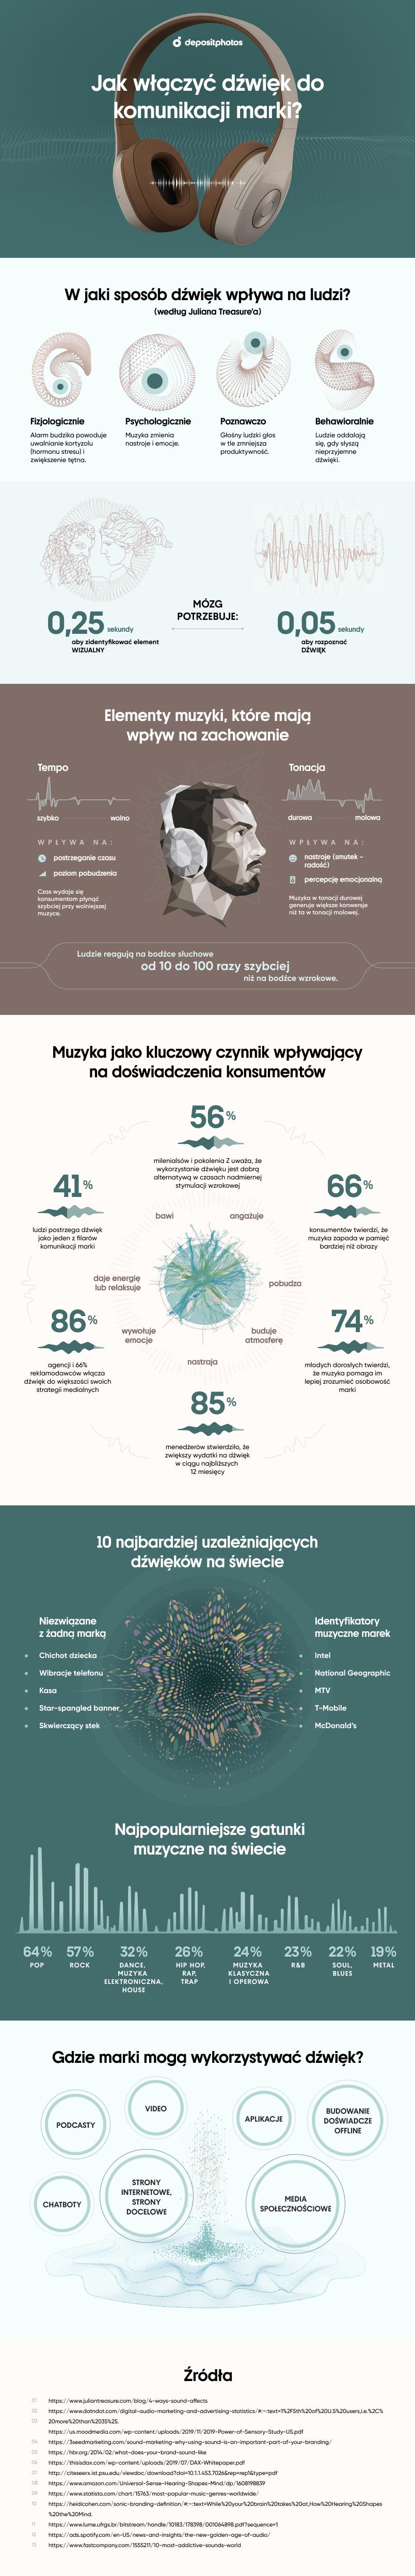 Jak włączyć dźwięk do komunikacji marki? [infografika]